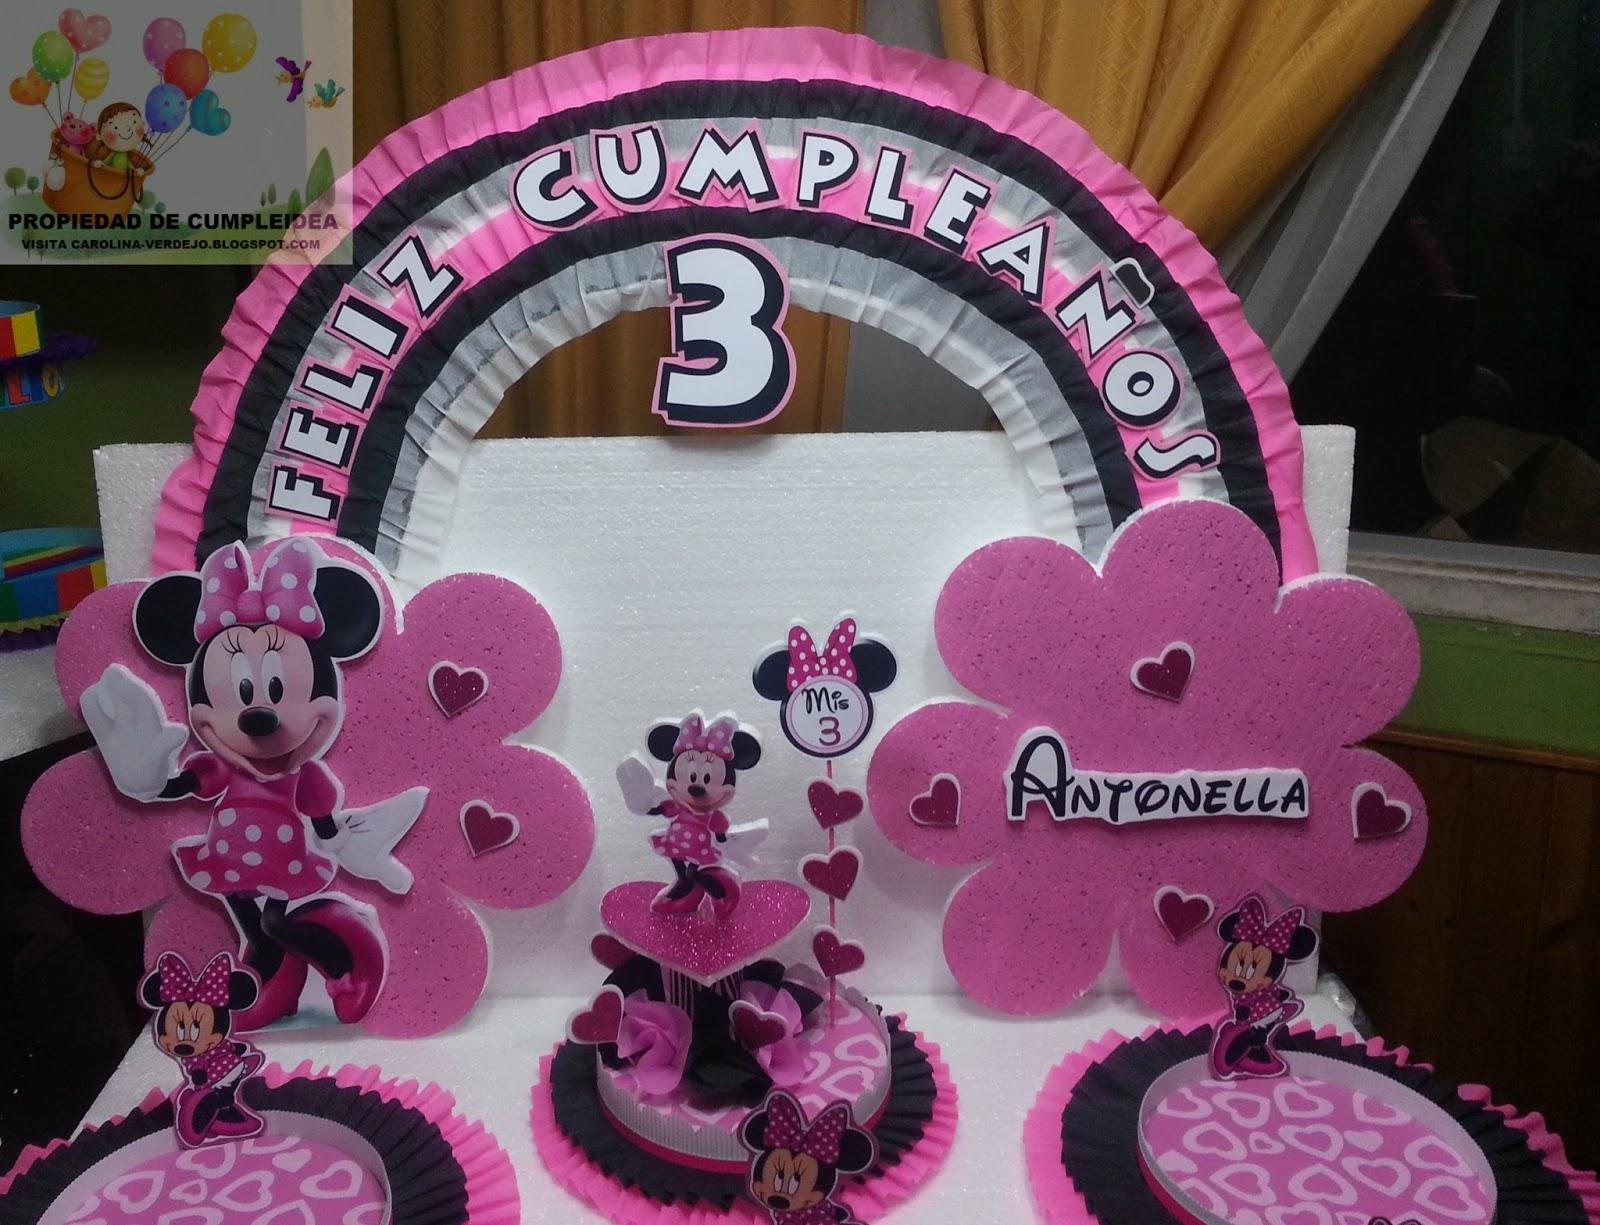 Decoraciones infantiles minnie mouse - Decoracion minnie cumpleanos ...